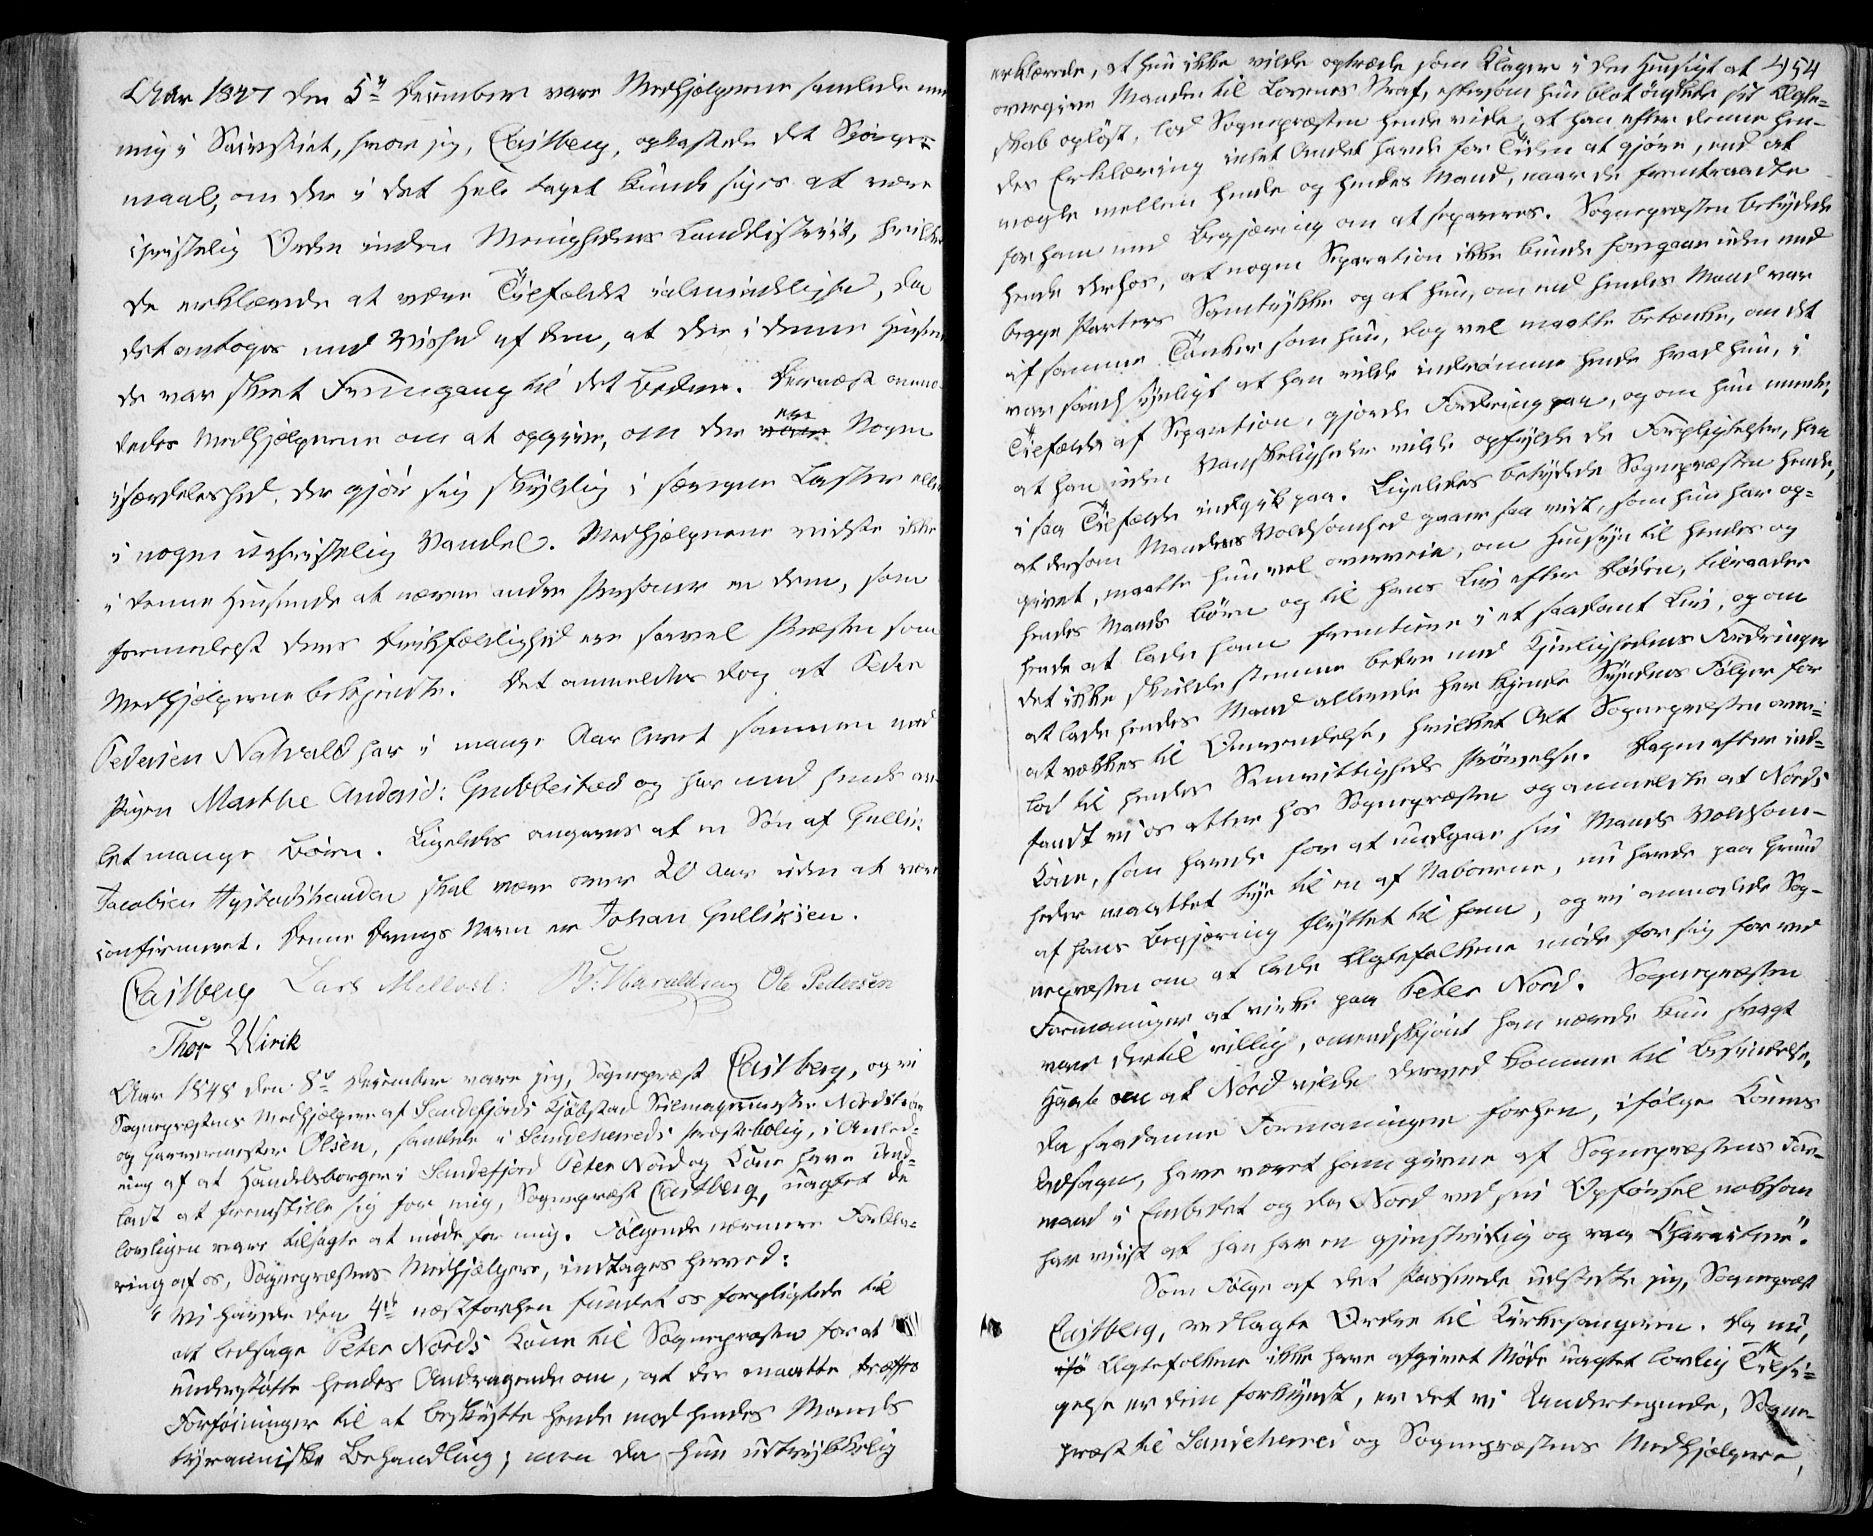 SAKO, Sandar kirkebøker, F/Fa/L0006: Ministerialbok nr. 6, 1847-1860, s. 454